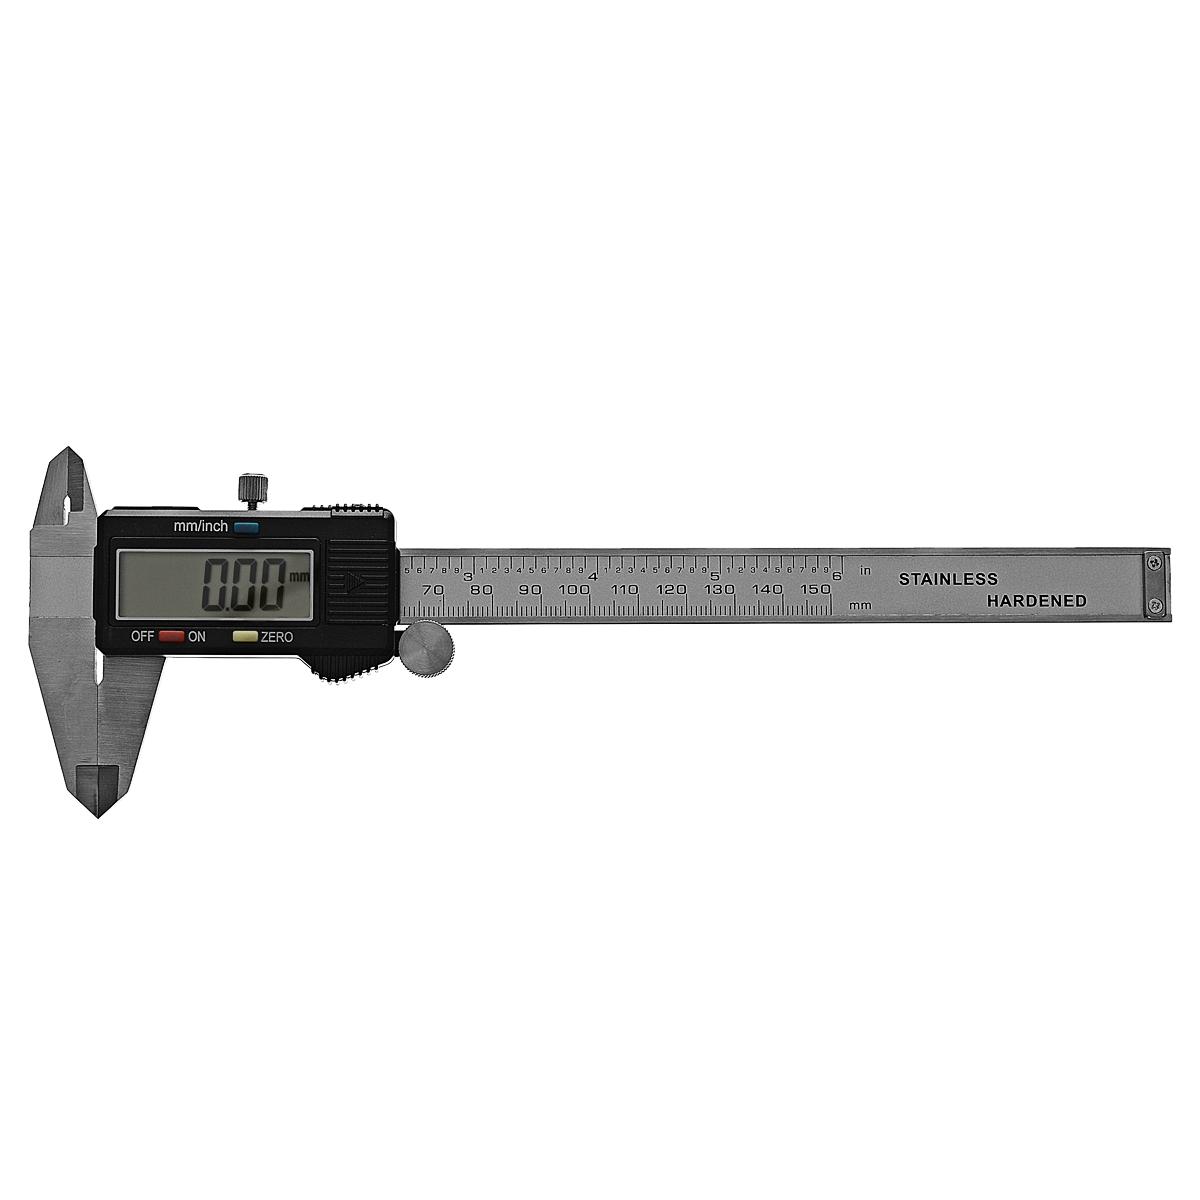 Штангенциркуль электронный Fit Digital Caliper, 15 см19856Штангенциркуль электронный Fit предназначен для измерений наружных и внутренних линейных размеров, а так же для измерения глубин. Применяется в машиностроении, приборостроении и других отраслях промышленности. Характеристики: Материал: нержавеющая сталь, пластик. Общий размер штангенциркуля: 23,5 см x 7,7 см x 1,2 см. Диапазон измерения: 0-150 мм. Дискретность: 0,01 мм/ 0.0005. Точность: 0.01 мм. Воспроизводимость повторных измерений: 0.01 мм/ 0.0005. Максимальная скорость измерений: 1,5 м/сек, 60/сек. Диапазон рабочих температур: 5-40°С. Питание: батарейка тип SR 44 (1х1,55В).